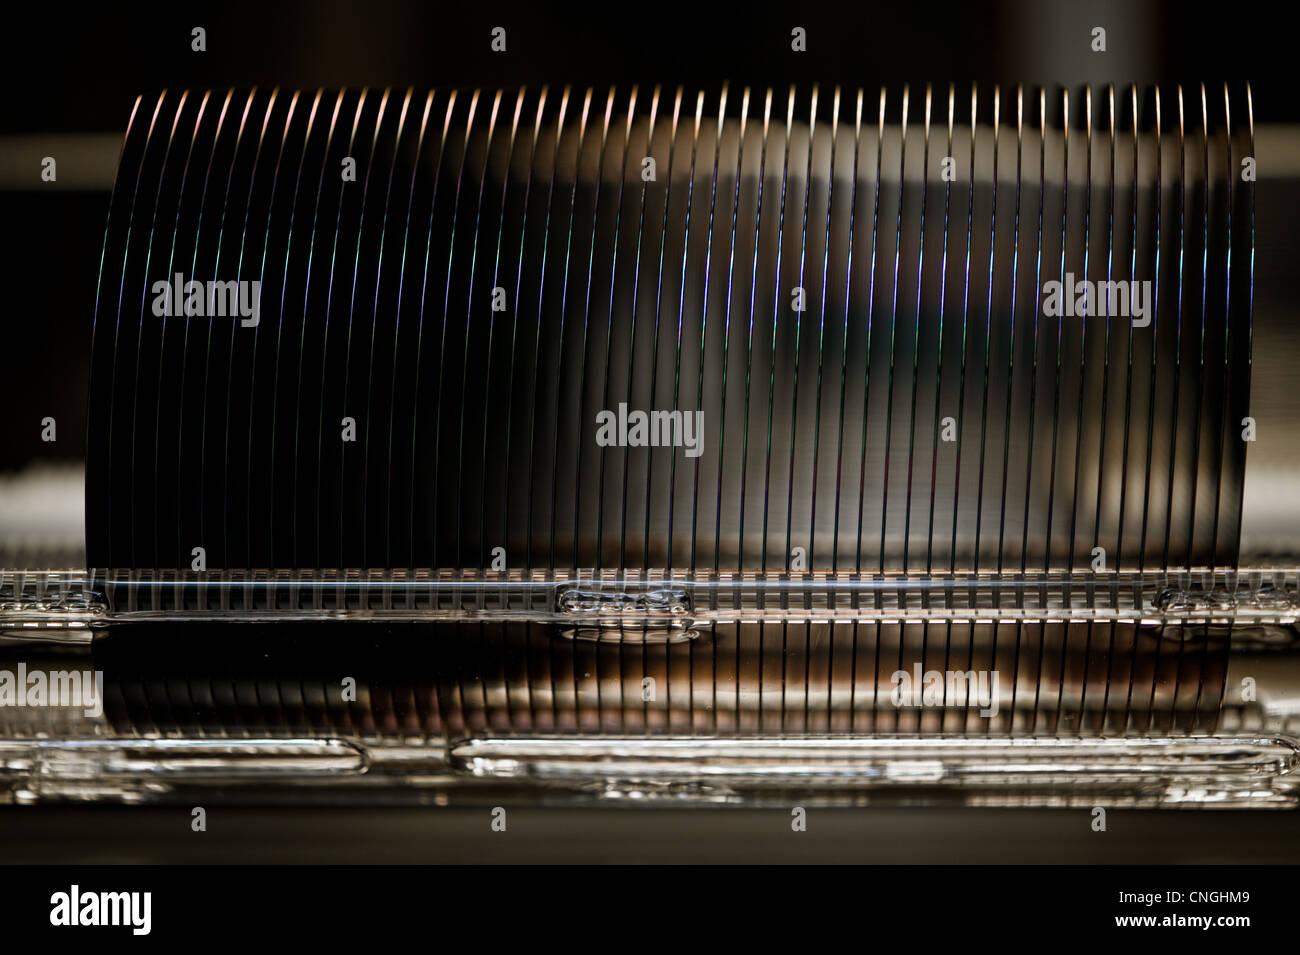 Bandeja con oblea en una línea de producción Imagen De Stock